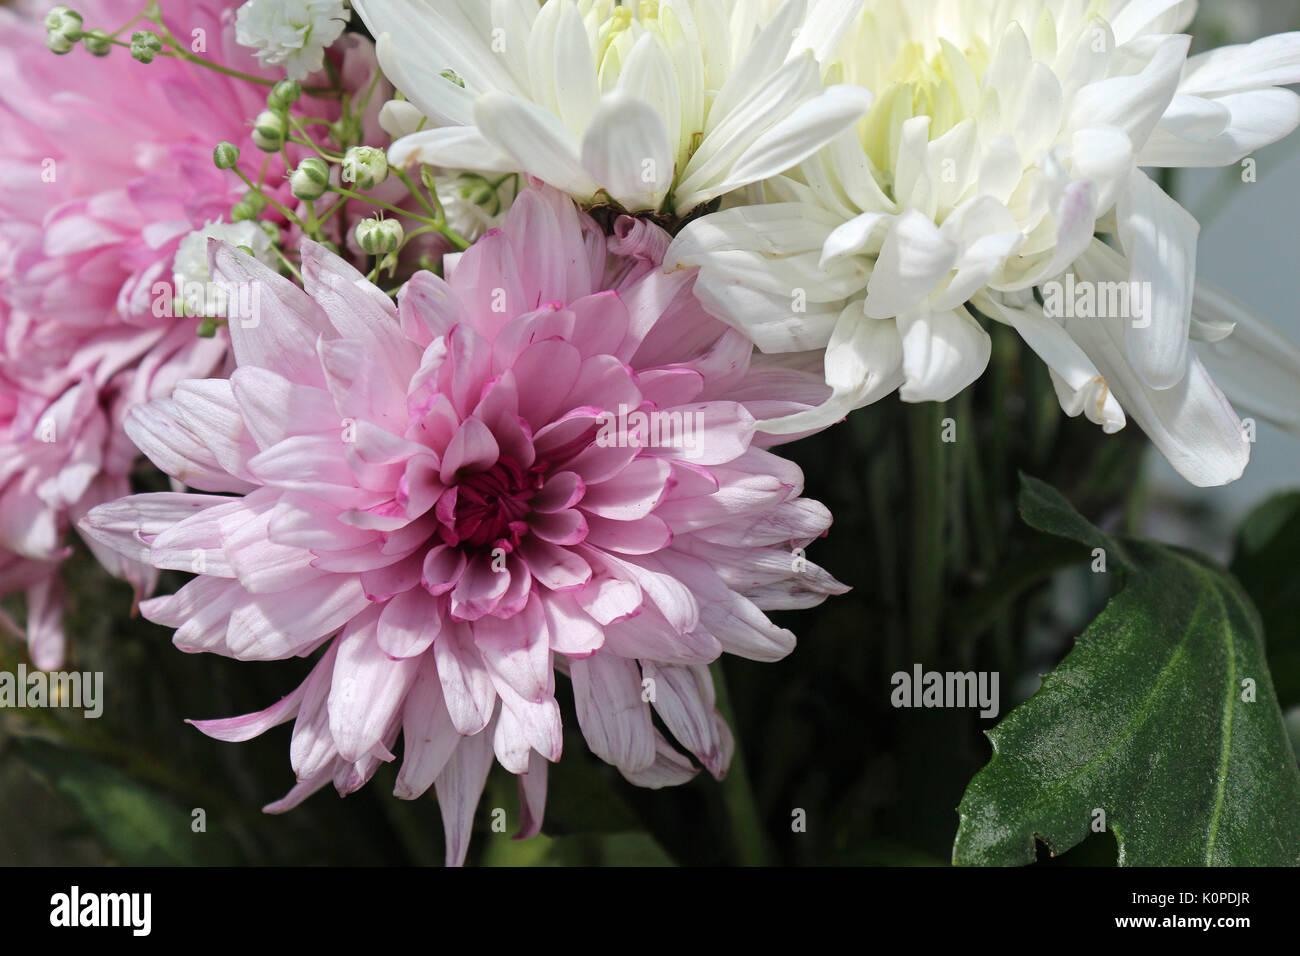 Ein Blumenarrangement aus rosa und weißen Blüten Stockfoto